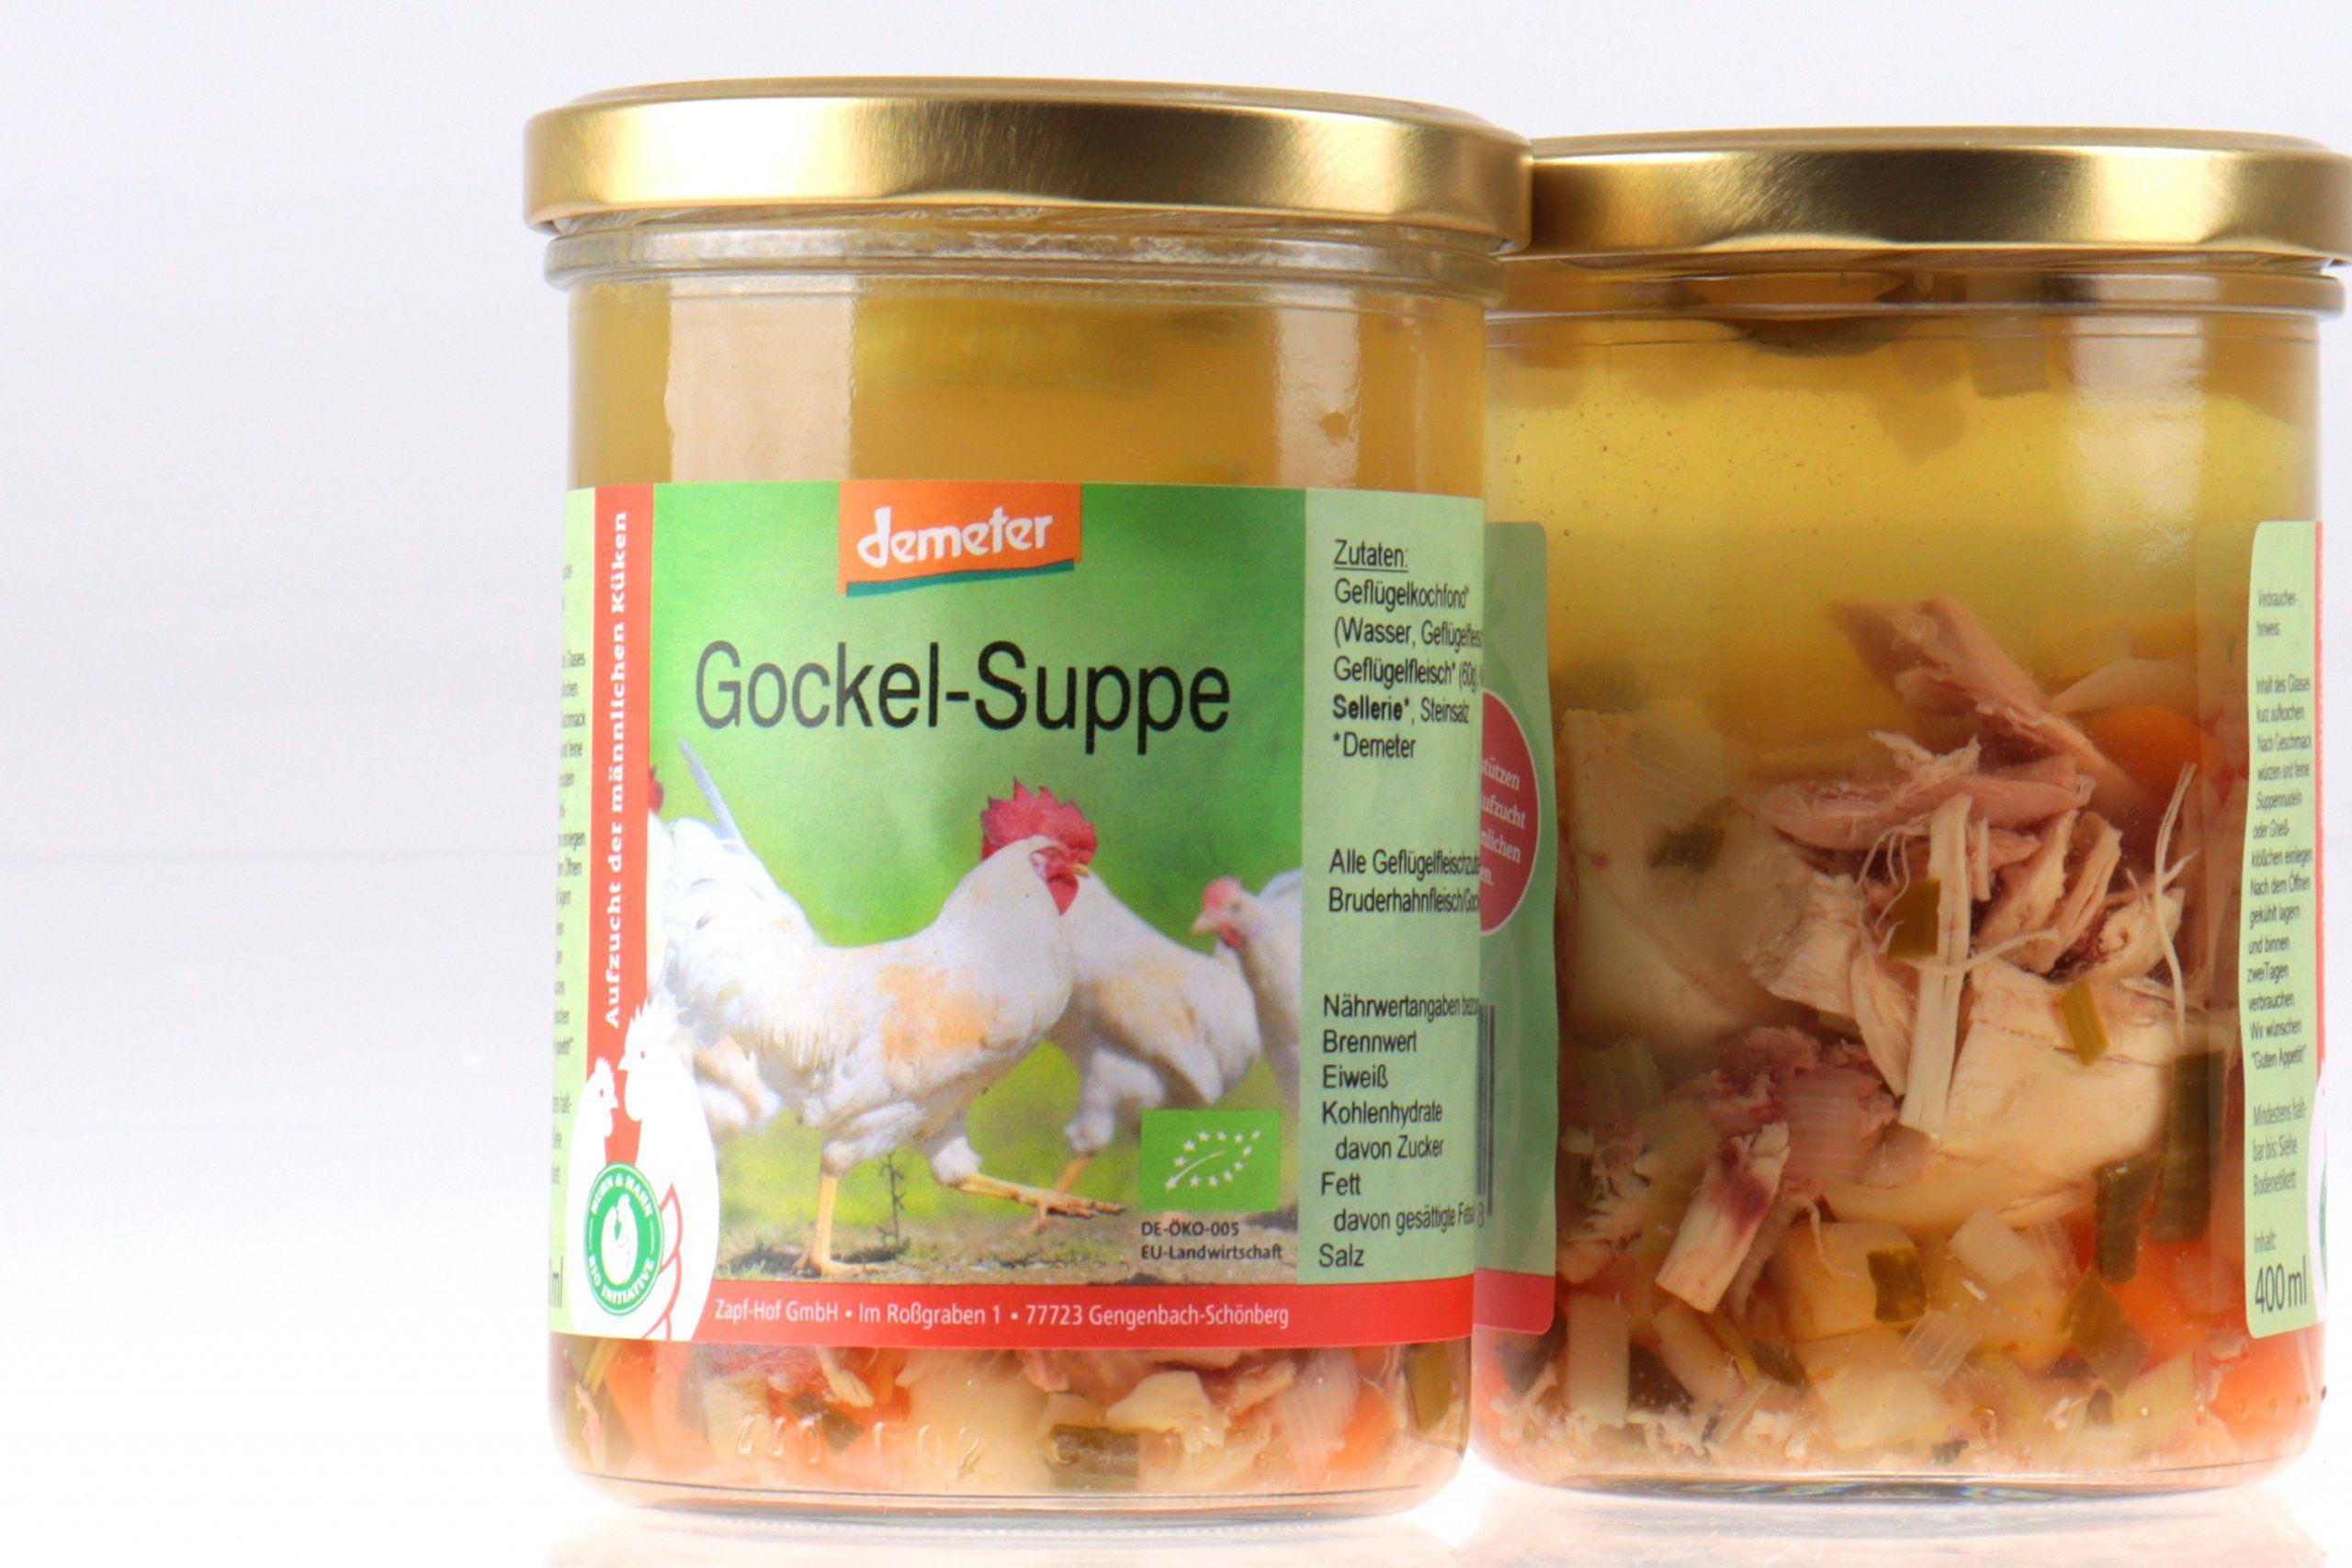 Gockel Suppe Demeter von feinjemacht online kaufen